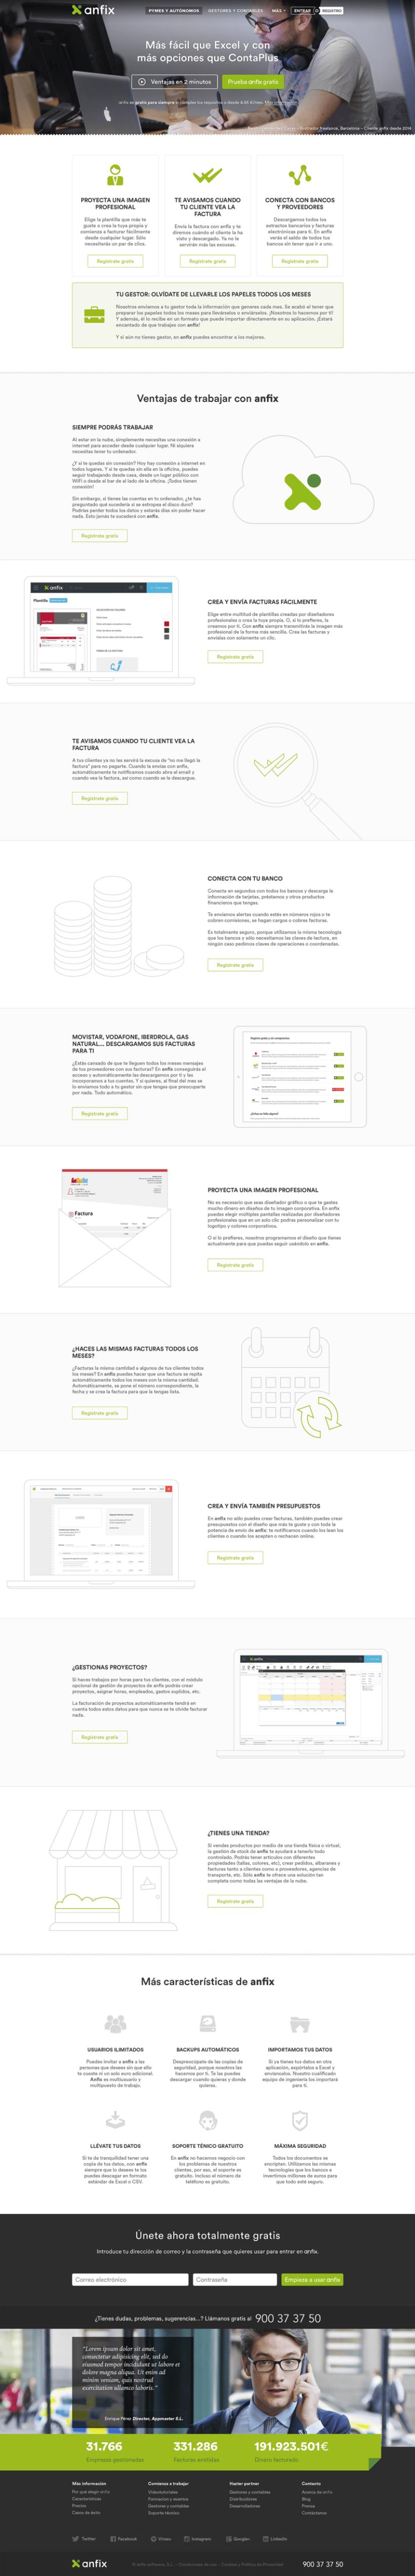 Anfix website, 2015 2